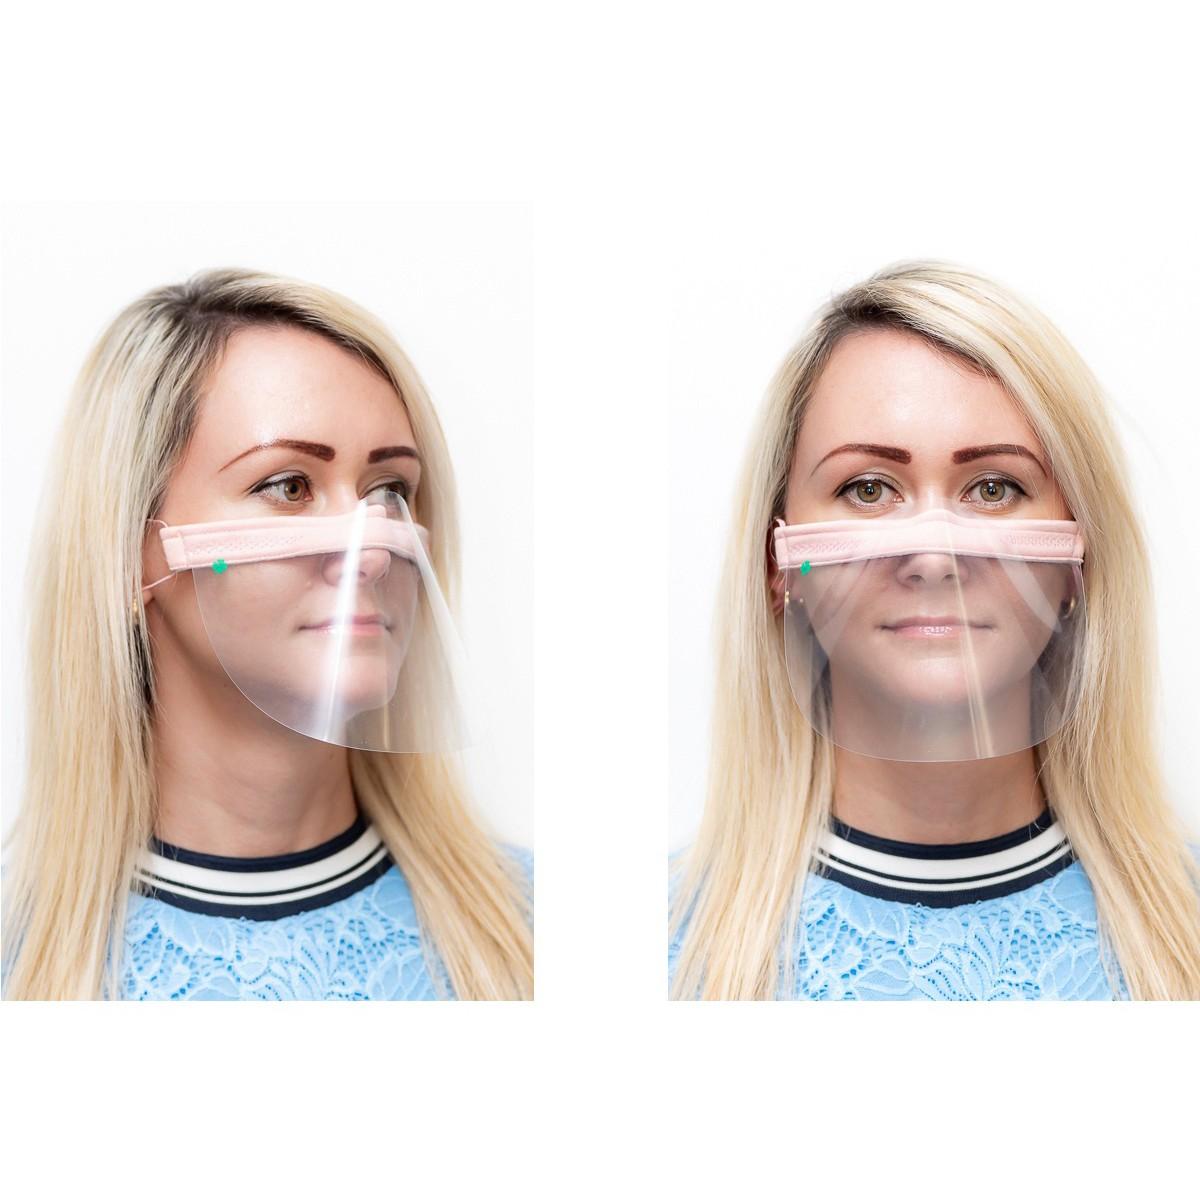 ochranný kryt na tvár priehľadná maska nos ústa 21x12cm univerzálna megamix.shop